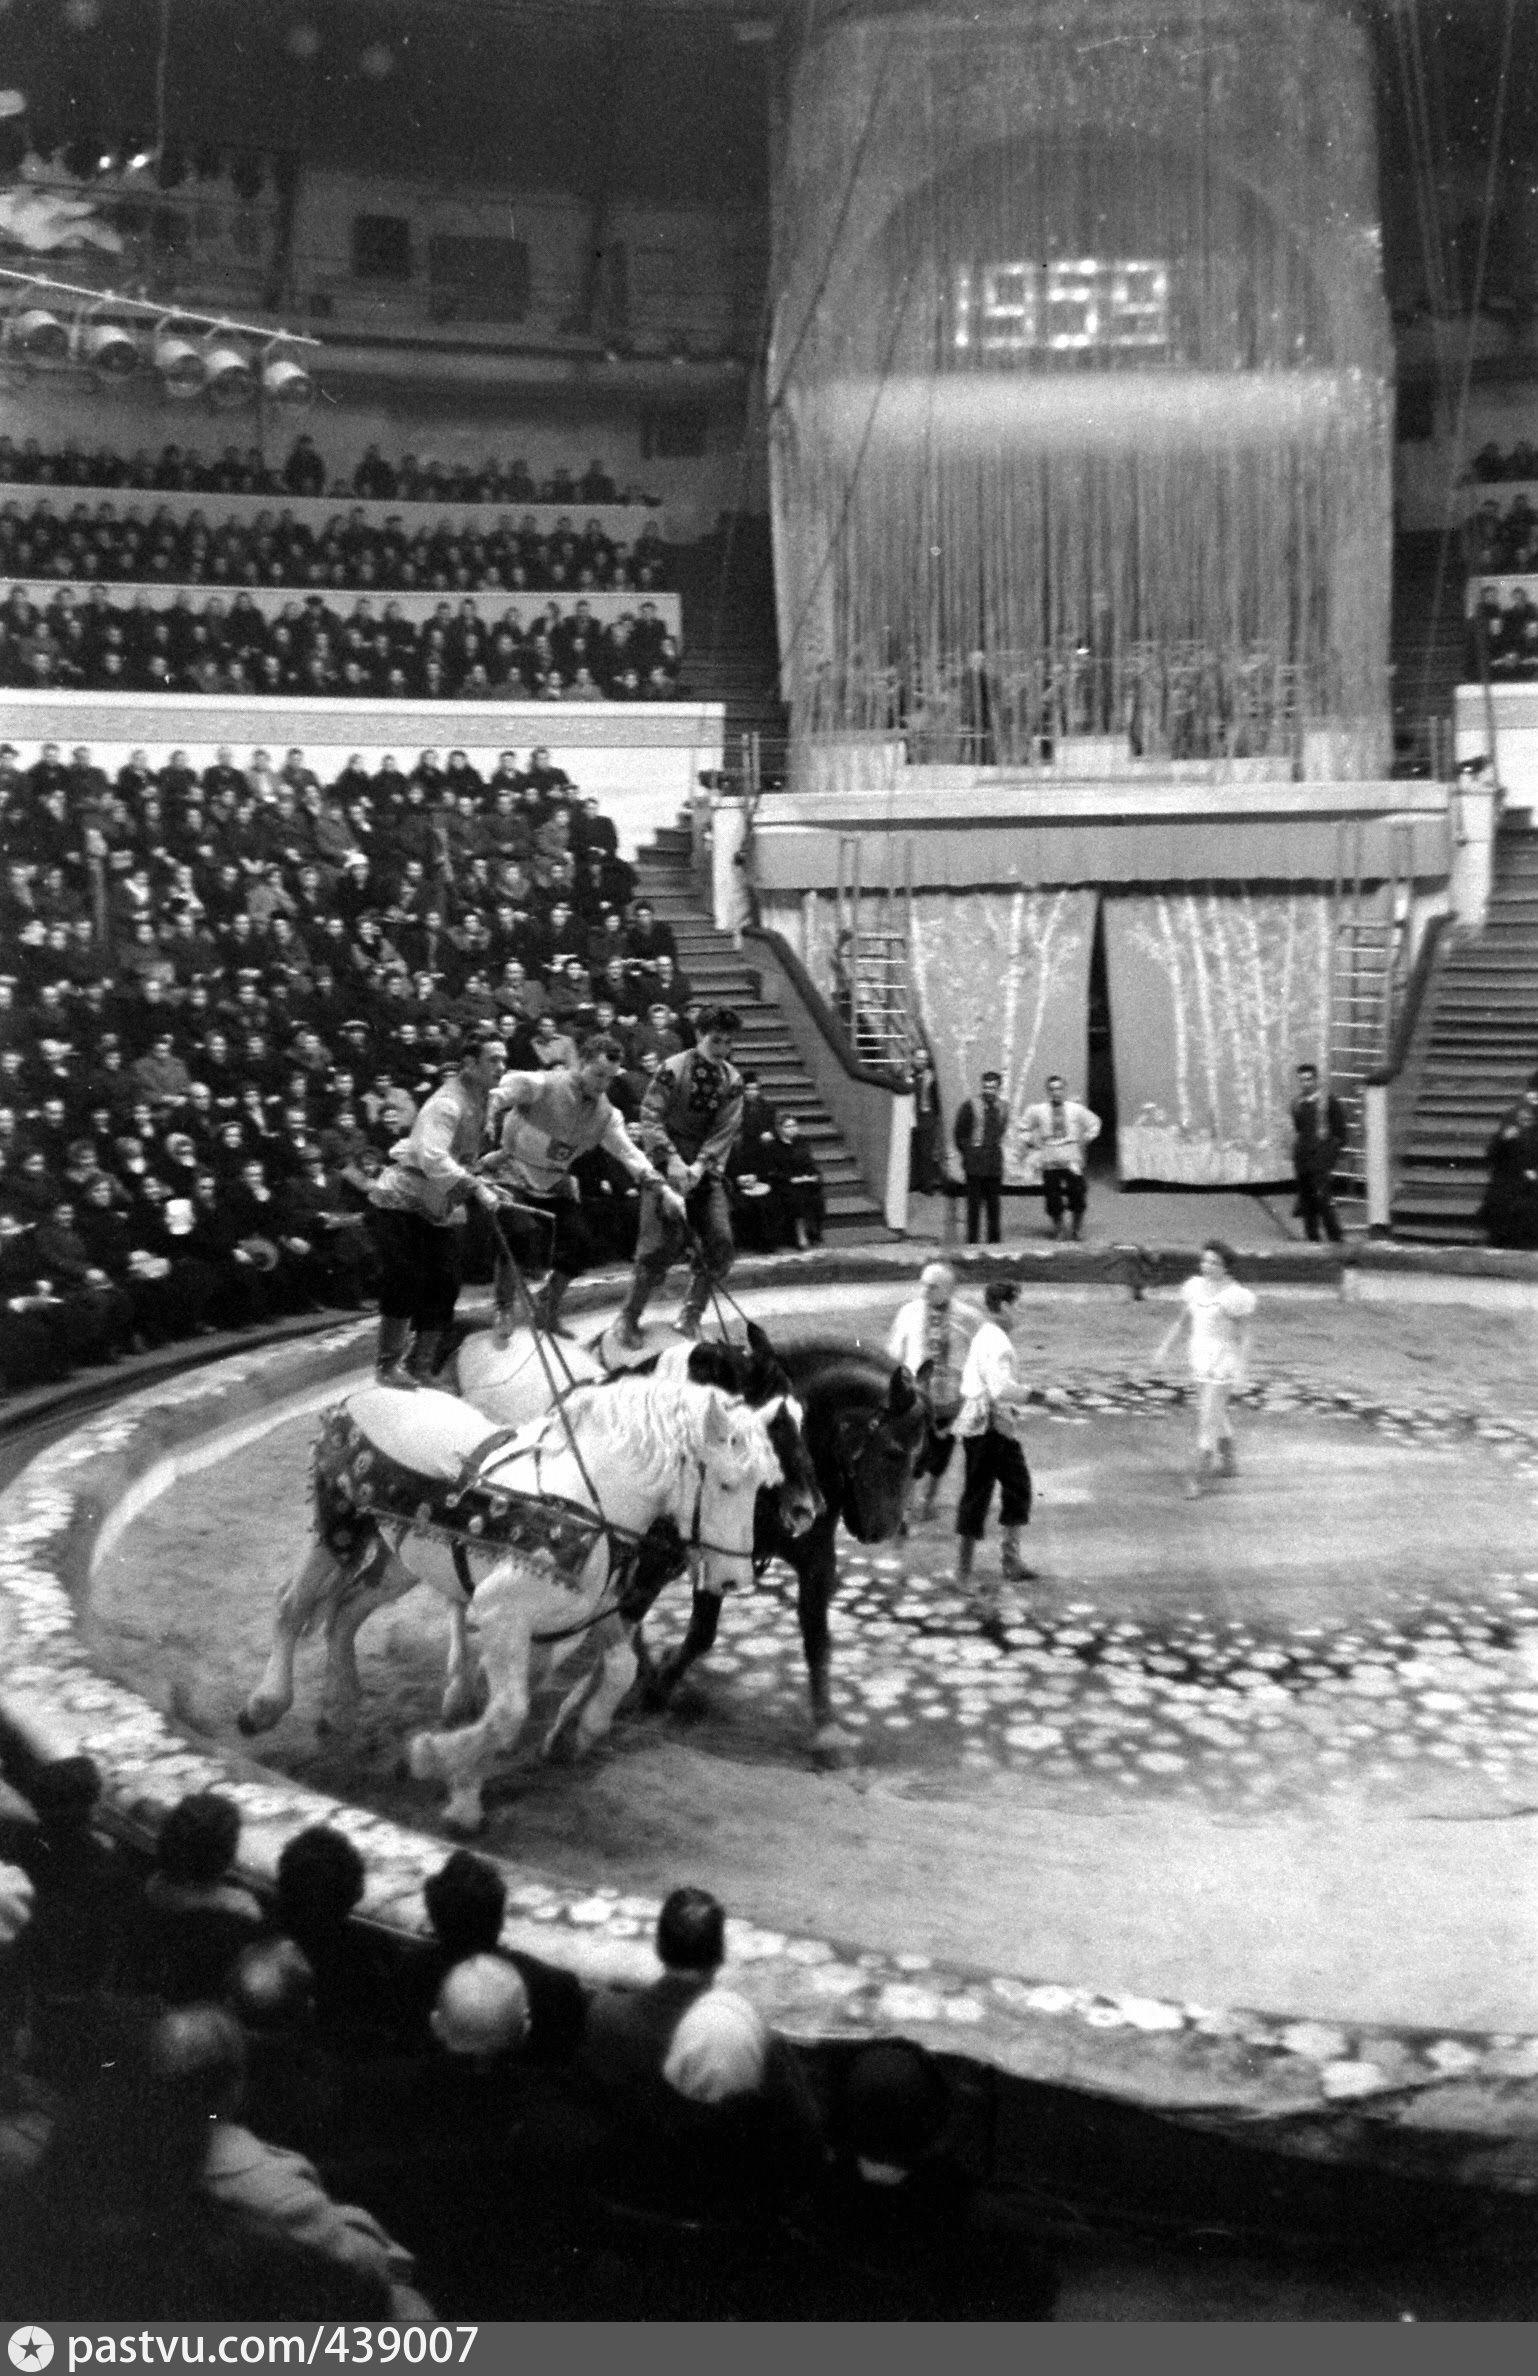 фото ленинград цирк центре этой